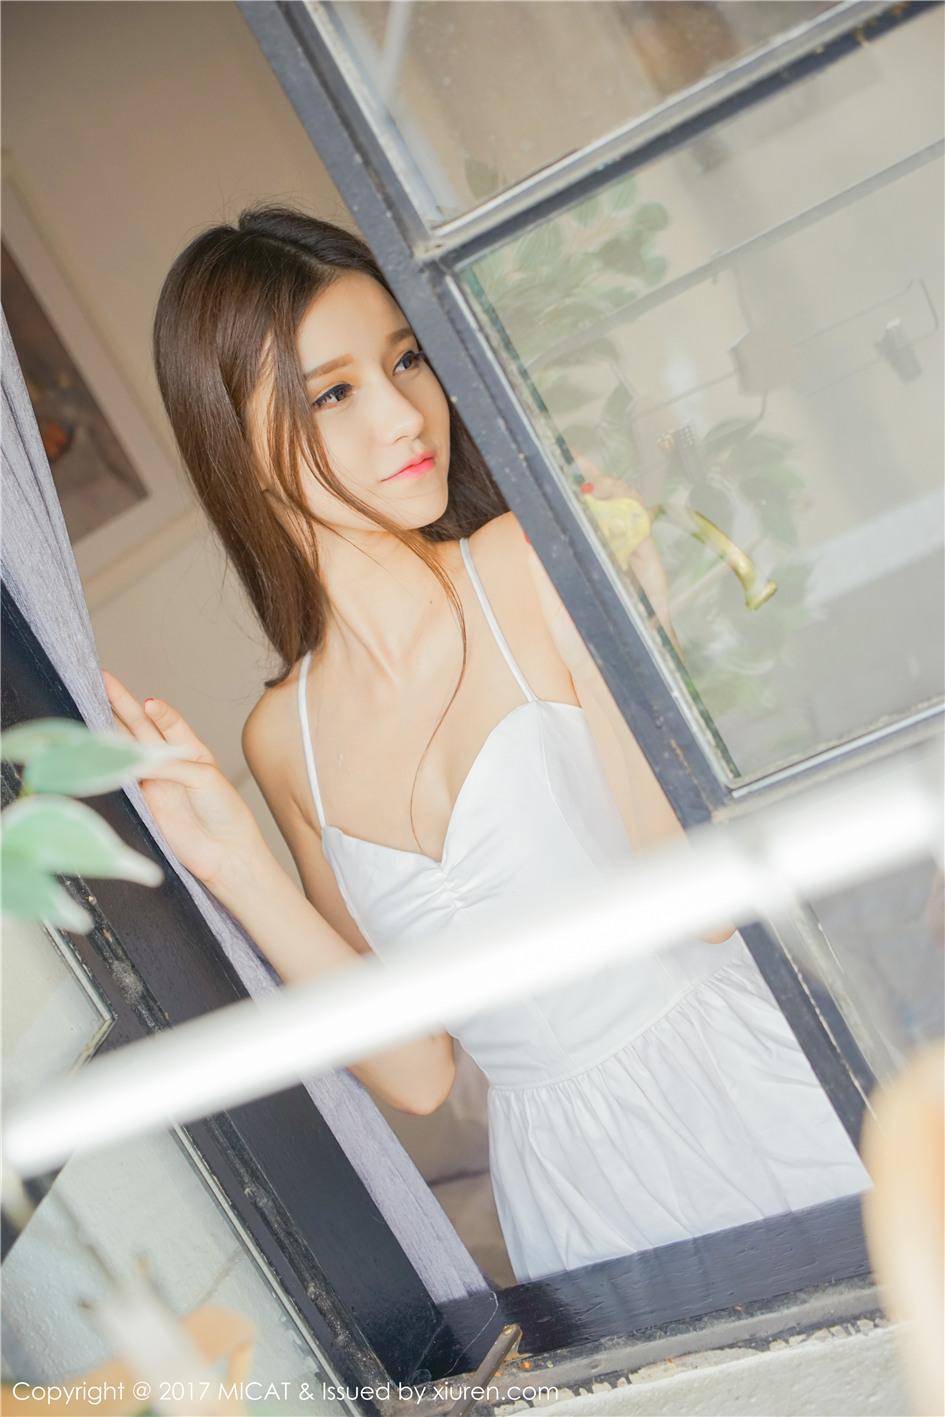 【猫萌榜】【玟姊BABY】 高清清纯养眼美女玟姊BABY私房图 Vol.007【25P】 写真集